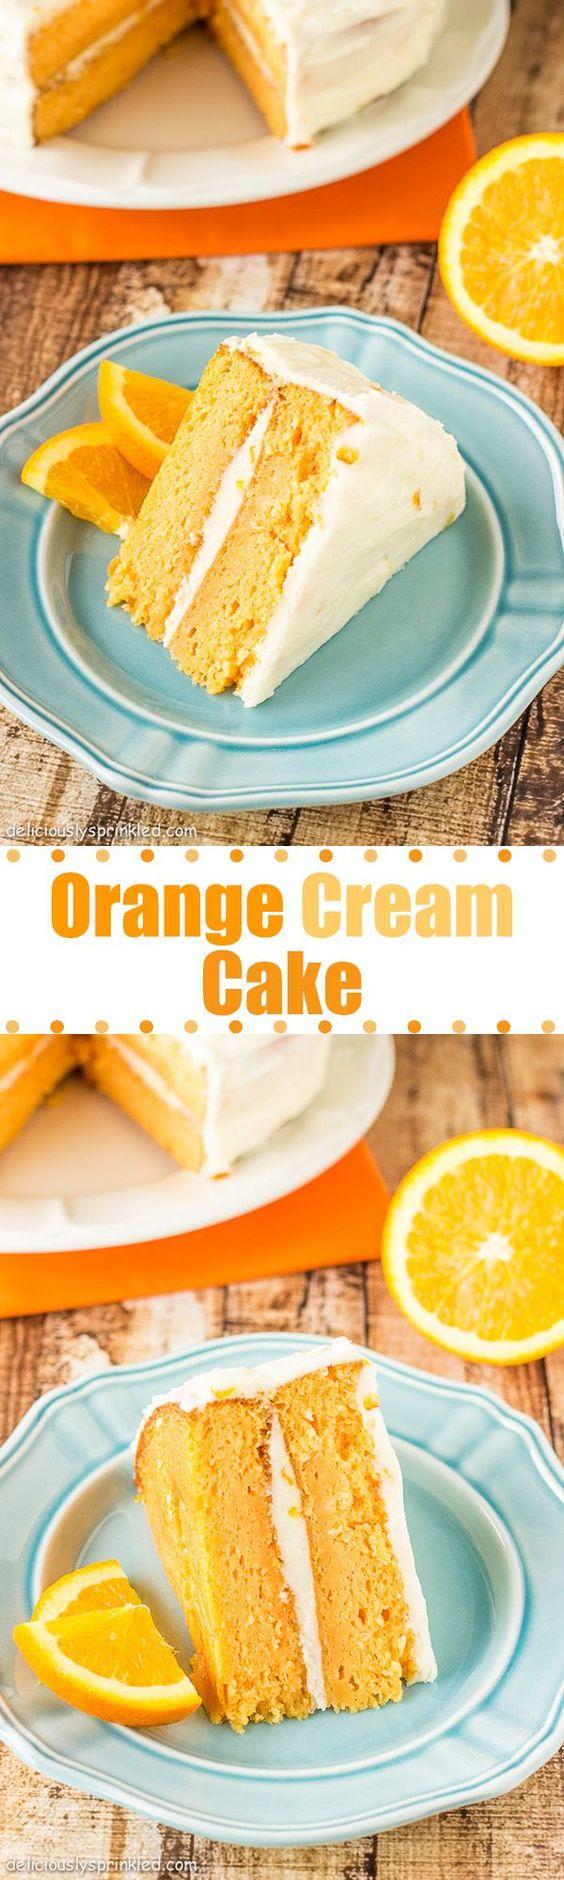 Orange Cream Cake | Recipe | Orange Cream Cakes, Cream Cake and Orange